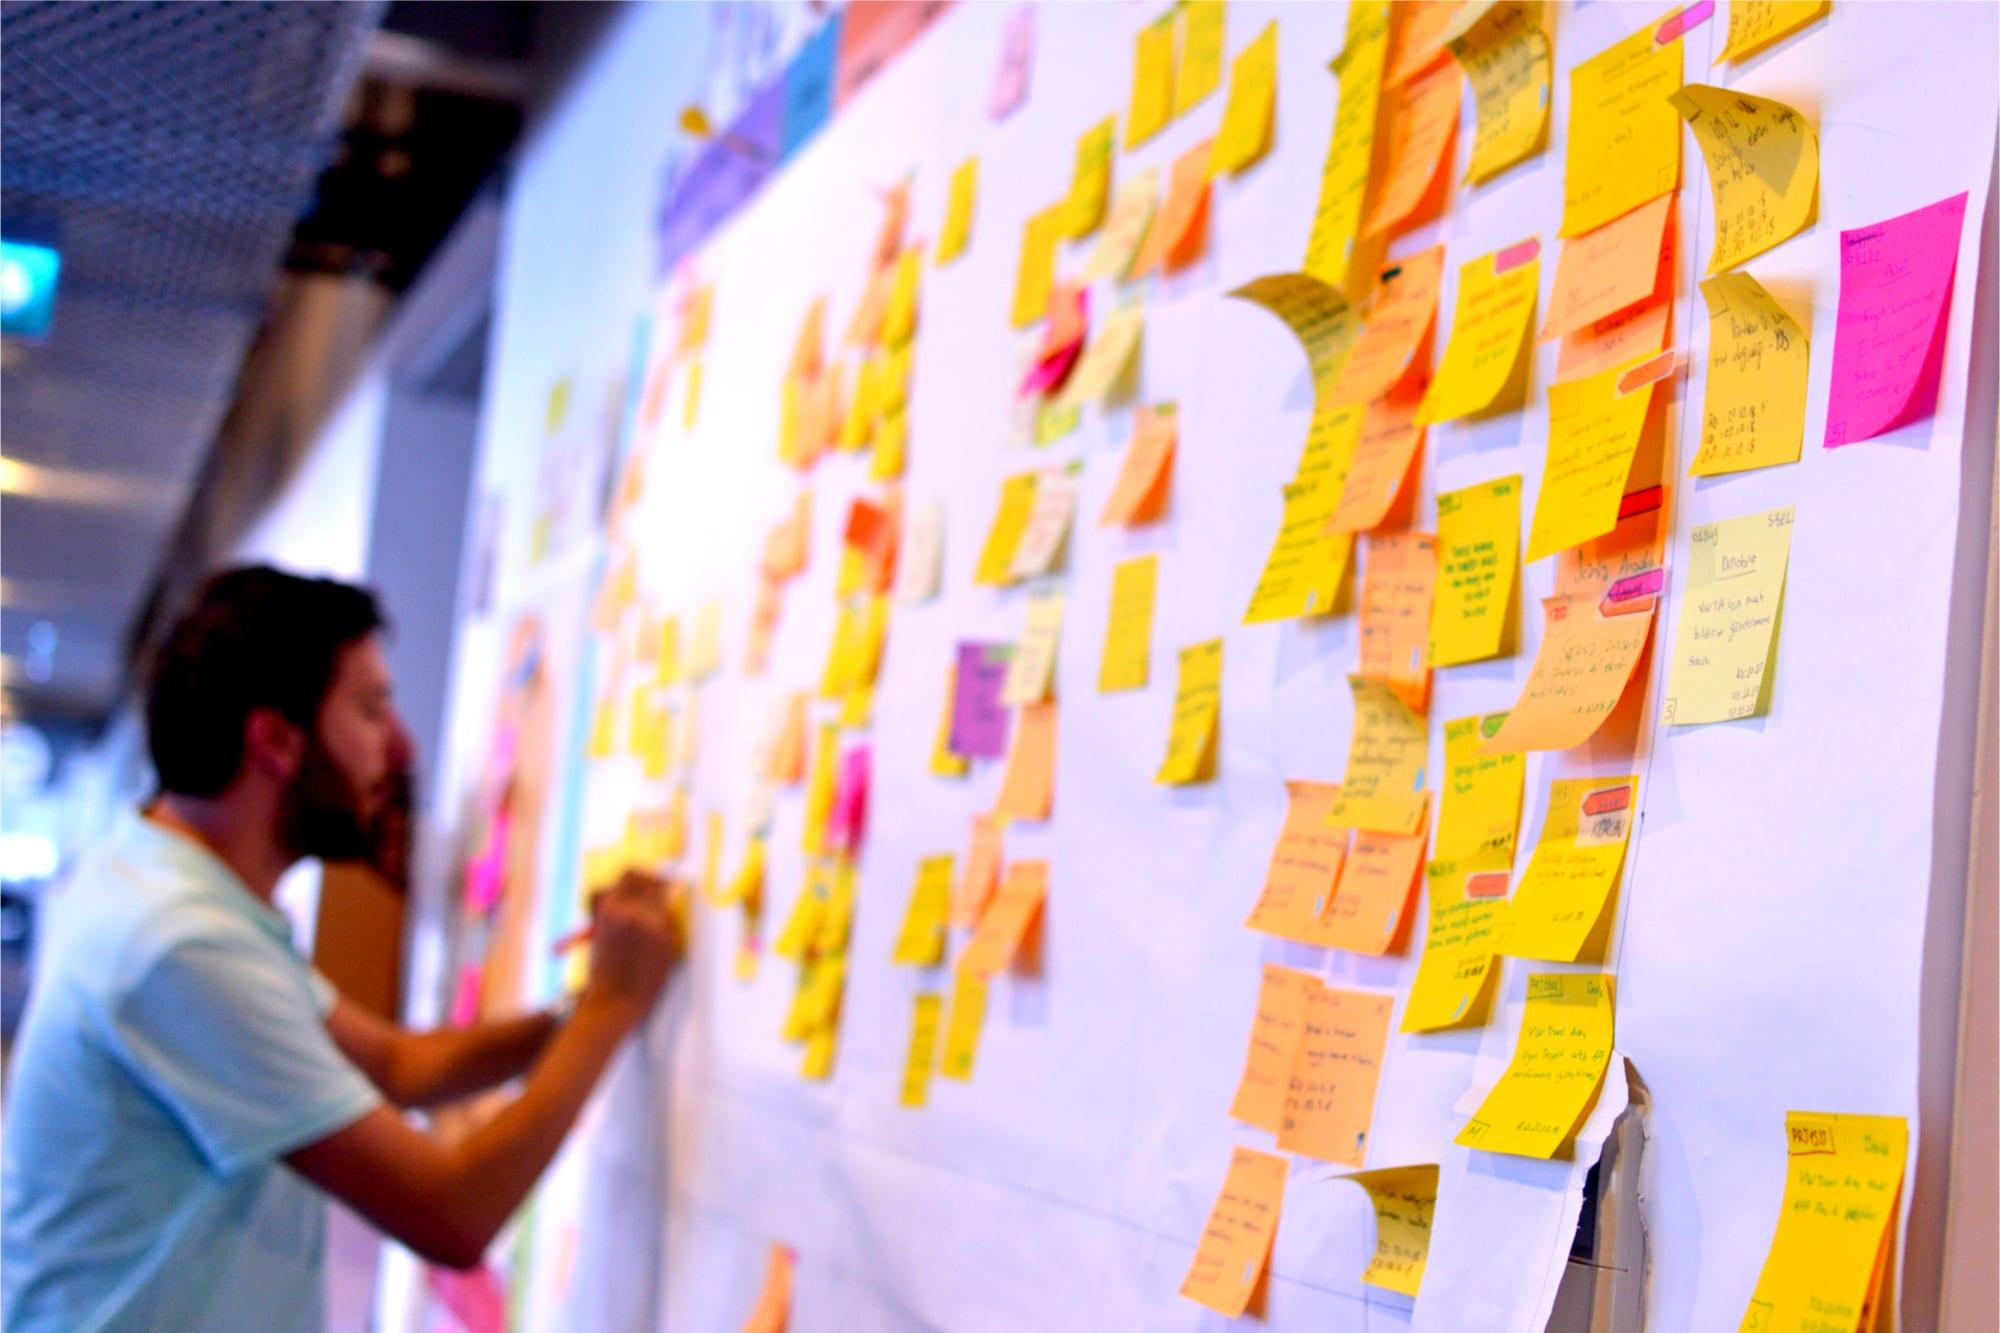 Документация - это актив для вашей команды и ценности бренда